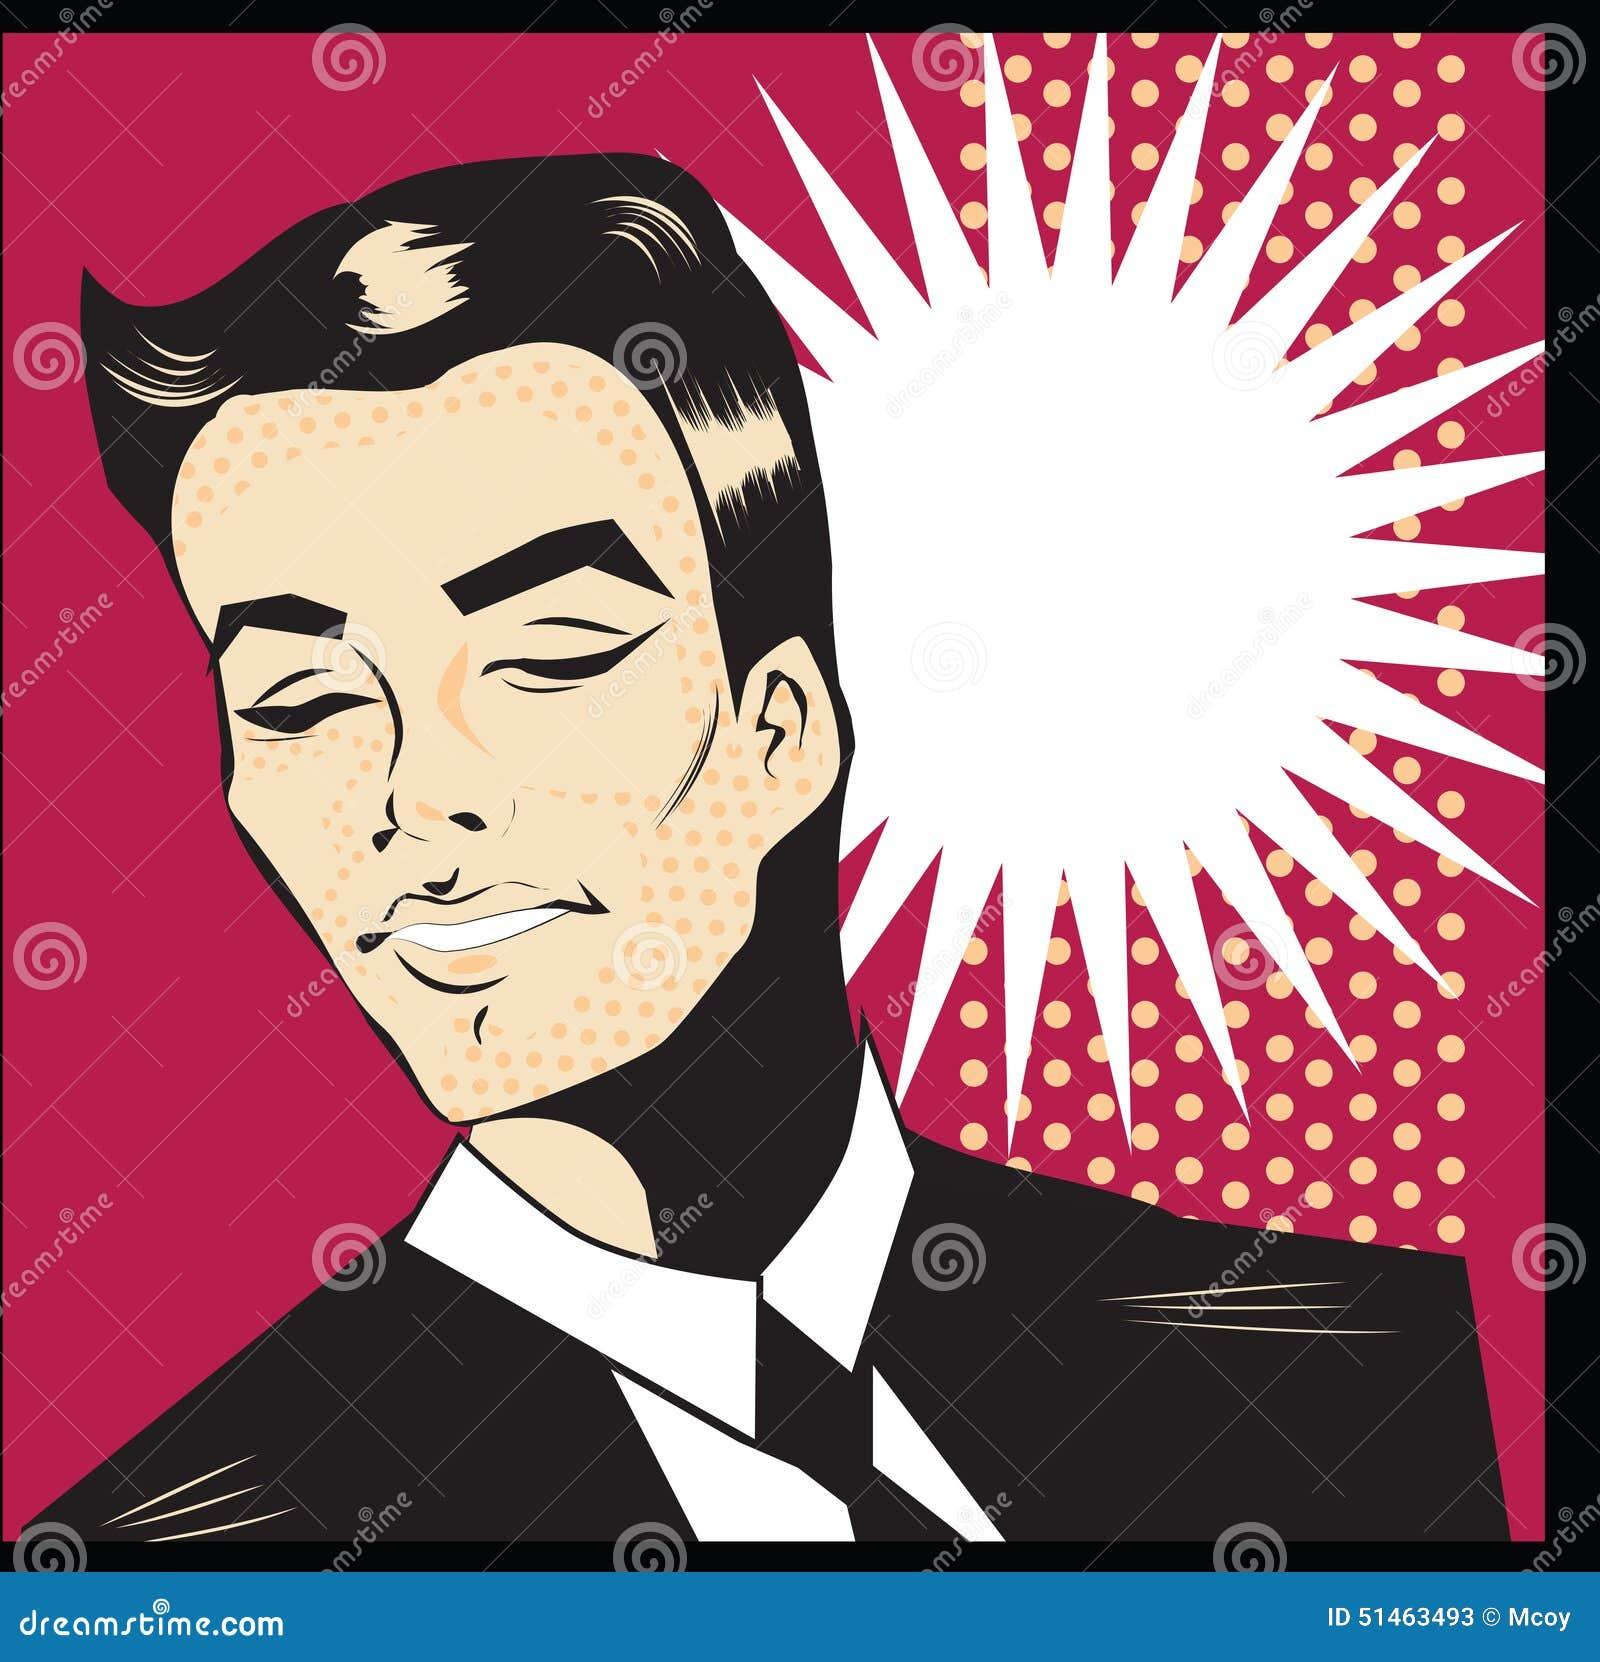 Pop Art Man Smile Illustration Vintage Poster Or Invitation Gentleman